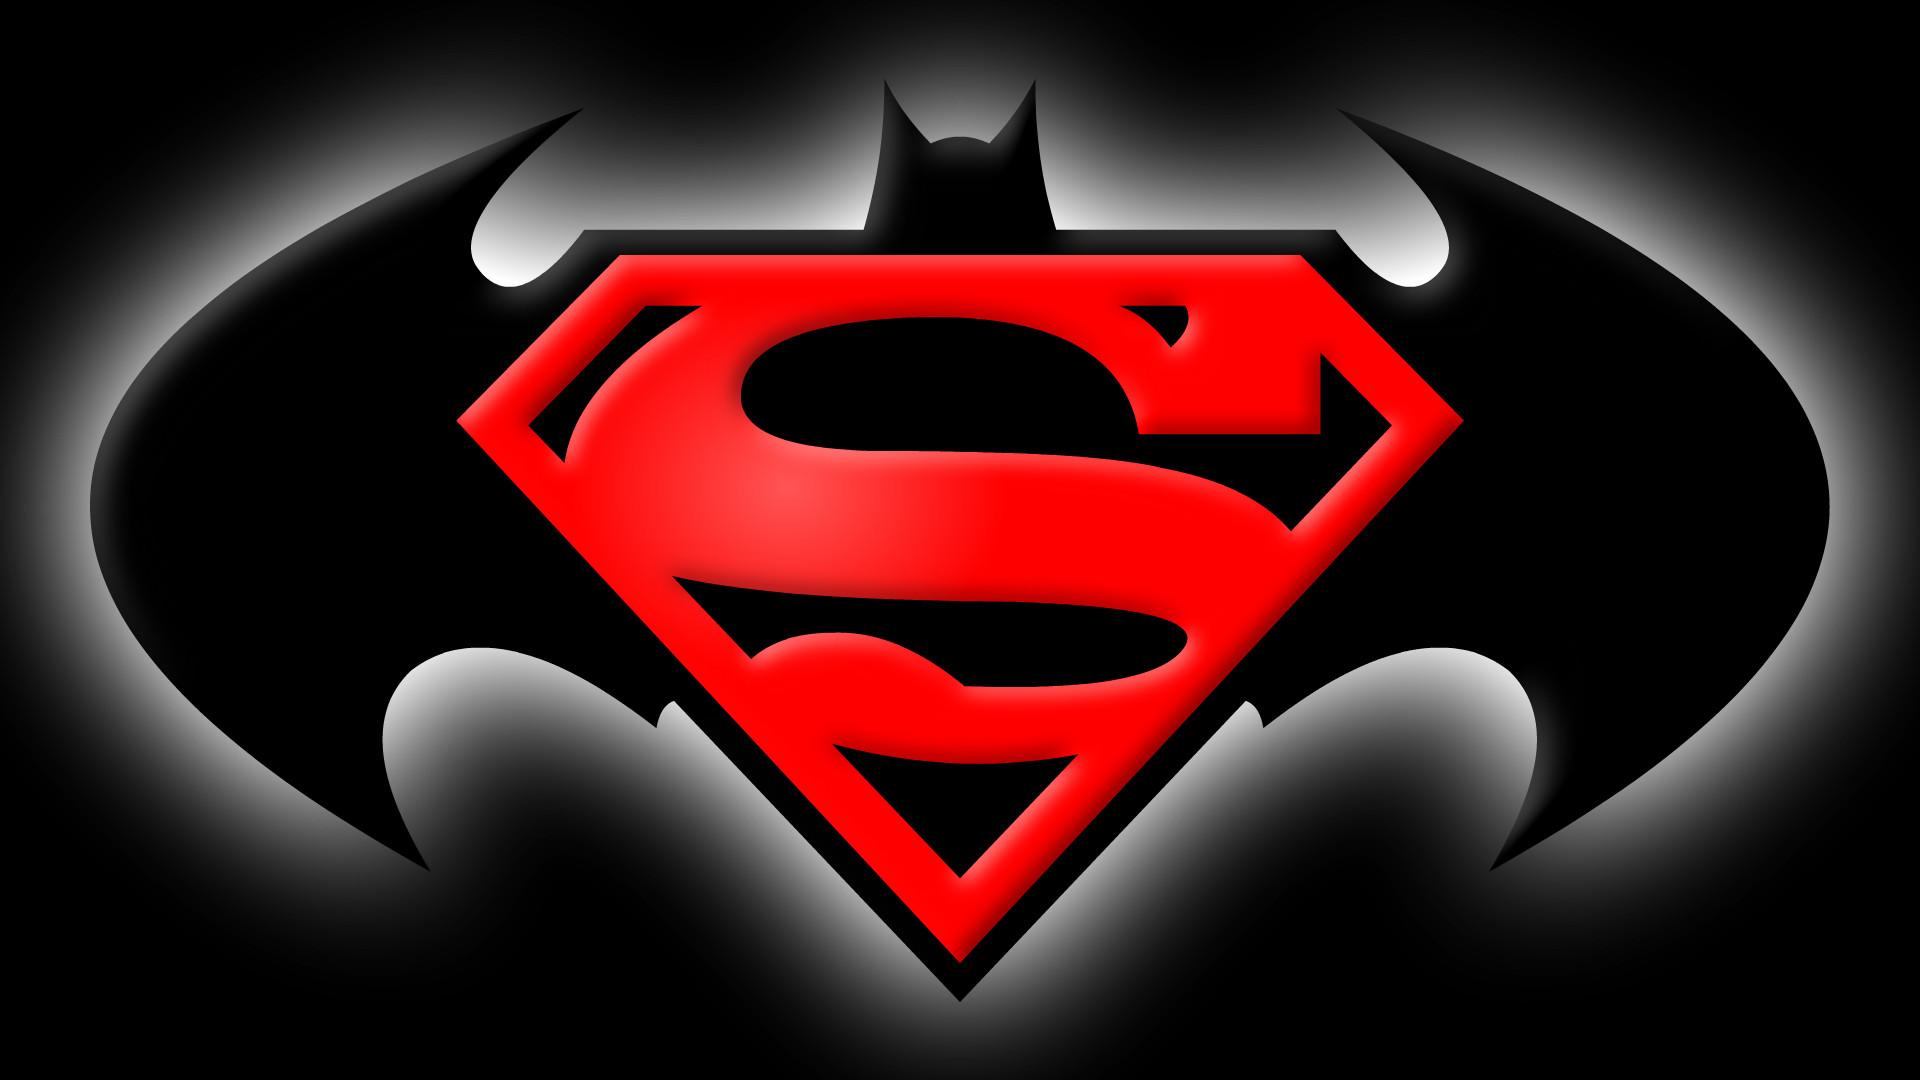 Batman Vs Superman Logo Wallpapers - Wallpaper Cave |Batman Superman Logo Wallpaper